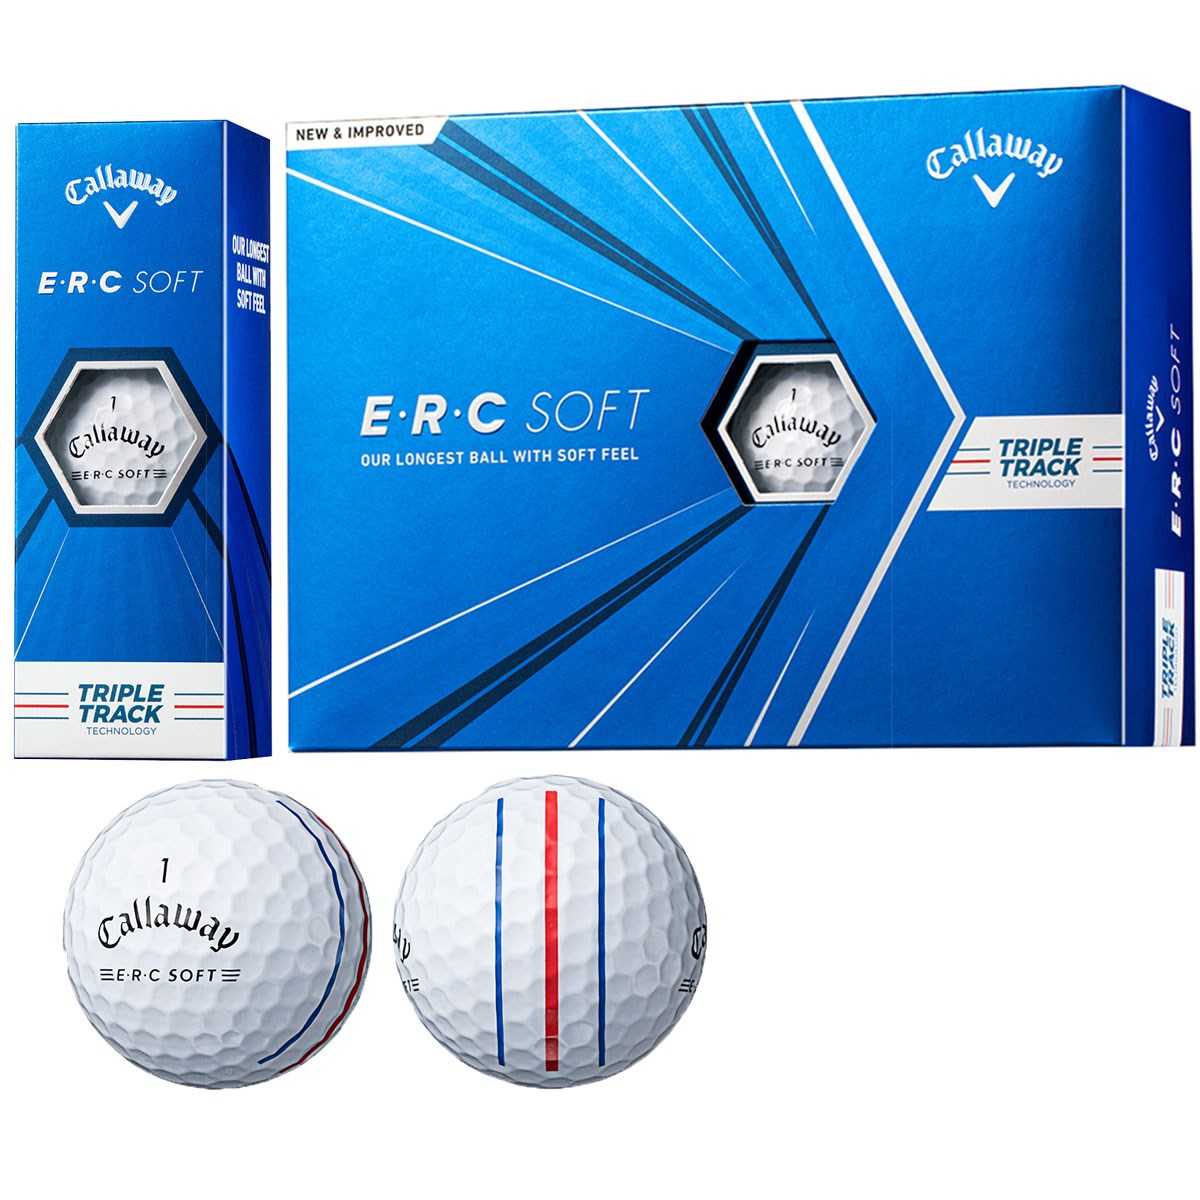 キャロウェイゴルフ(Callaway Golf) ERC SOFT 21 TRIPLE TRACKボール【2021年4月下旬発売予定】